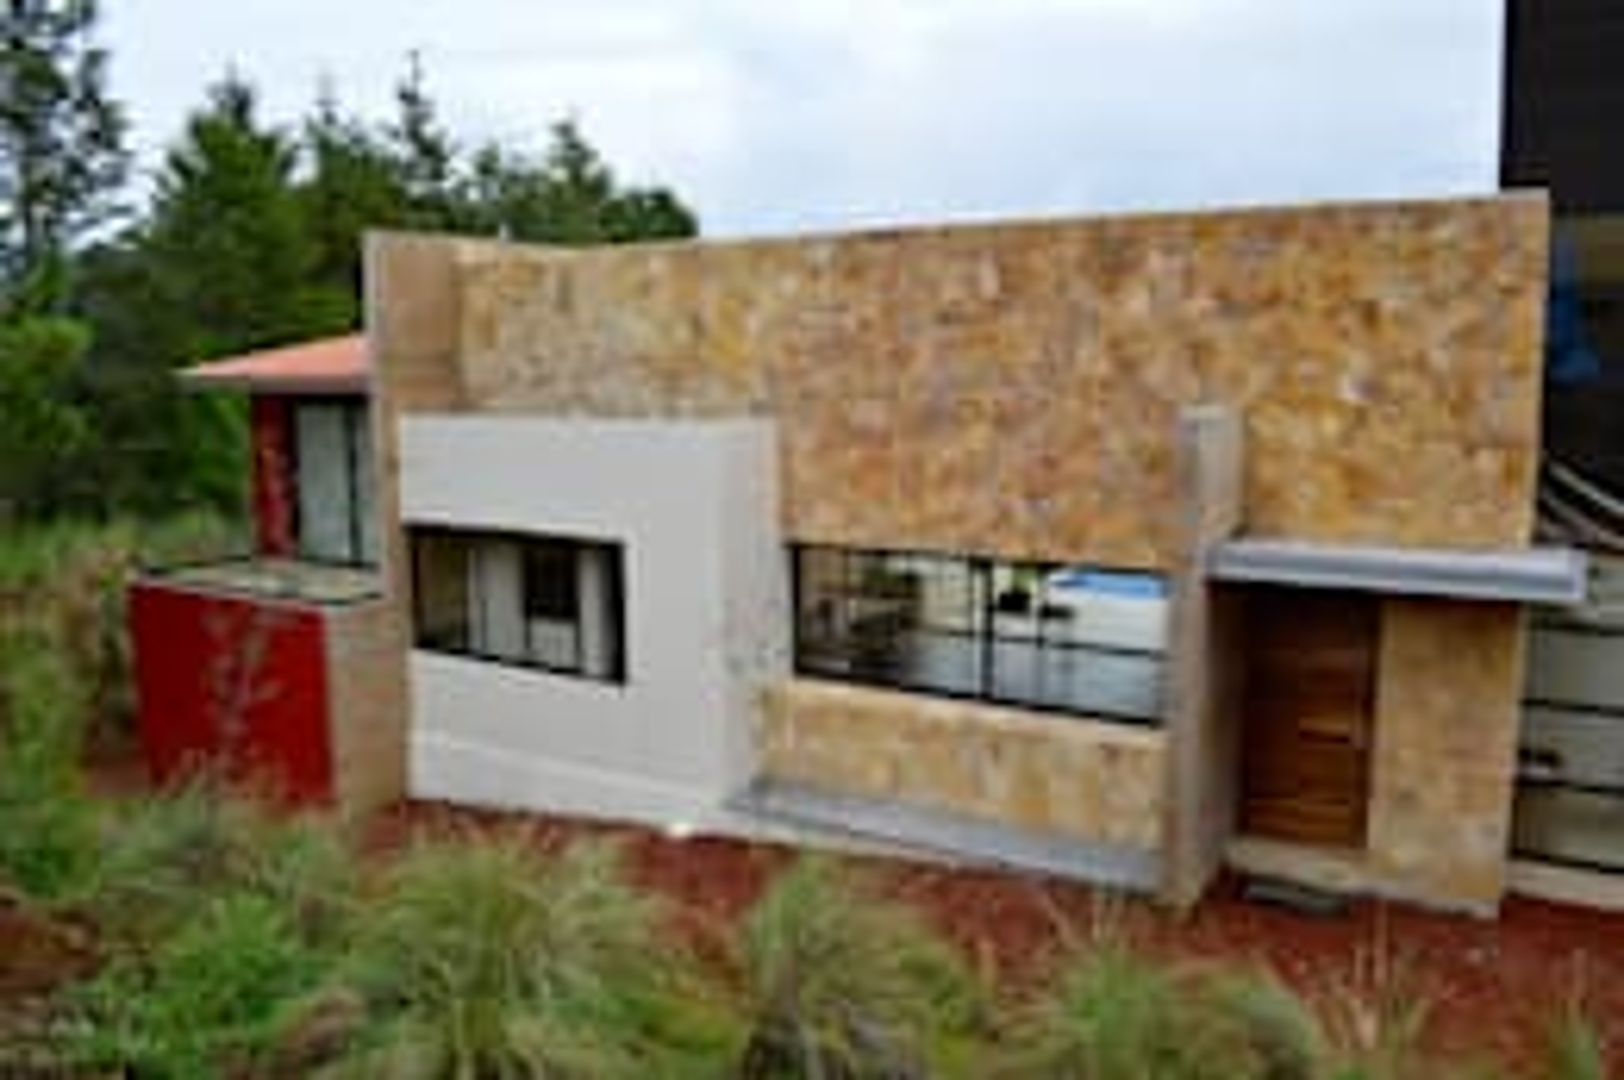 15 ideas con piedra laja para renovar la fachada de tu casa